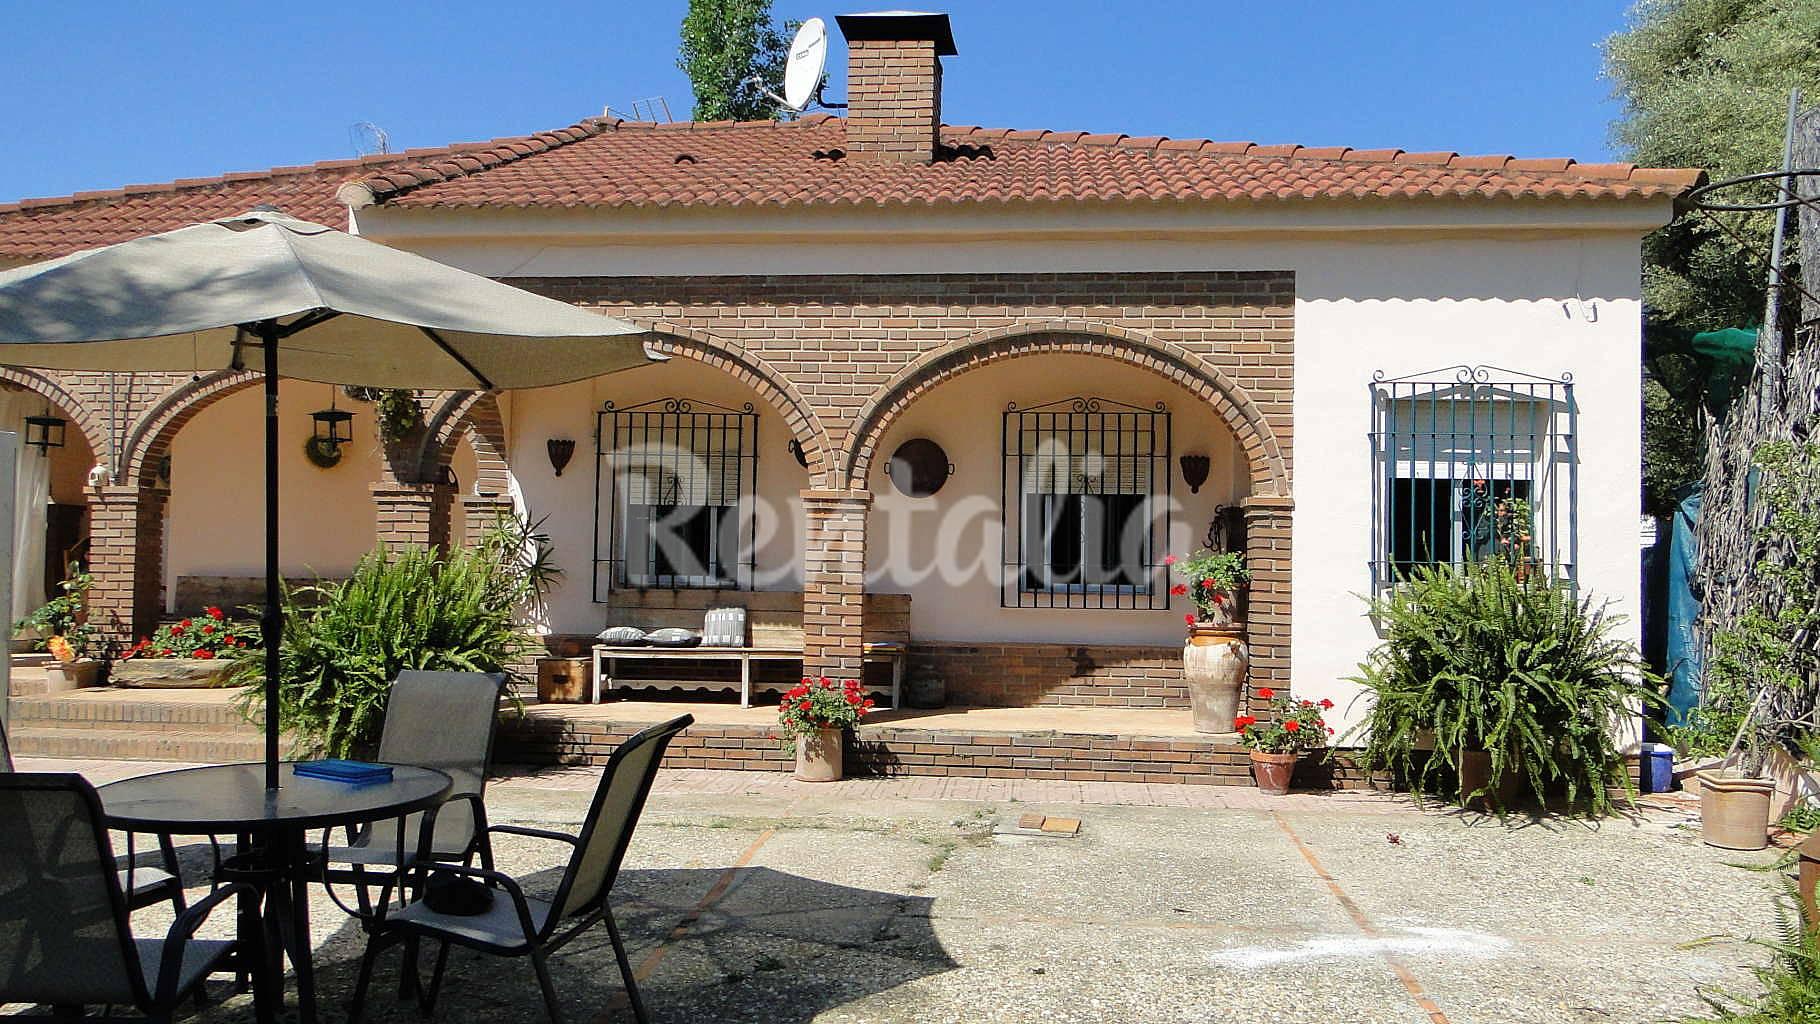 Alquiler vacaciones apartamentos y casas rurales en c rdoba andaluc a - Casas alquiler cordoba ...